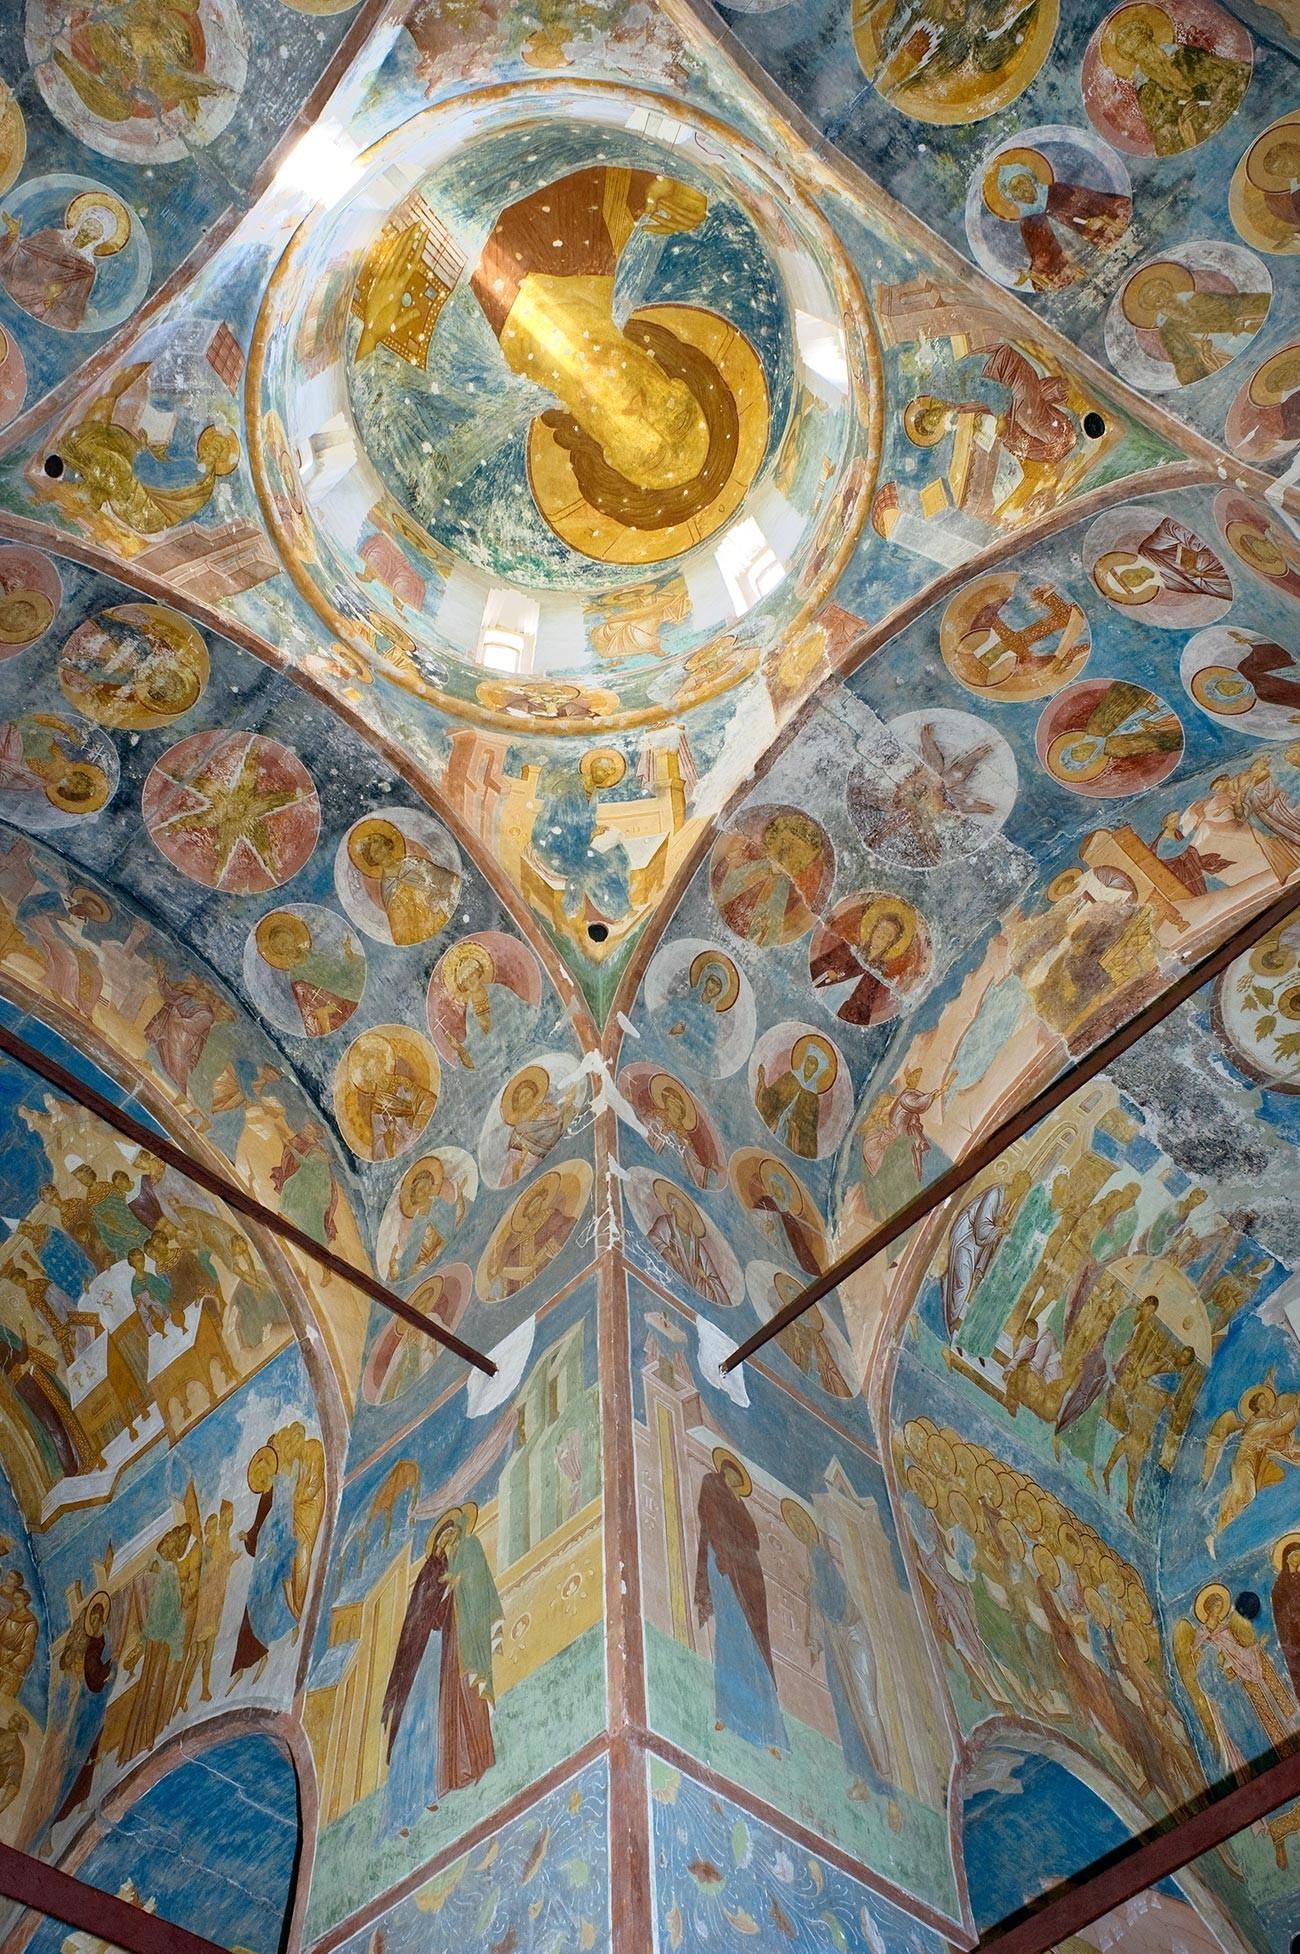 Katedrala rojstva Device Marije. Kupola s podobo Kristusa Pantokratorja. Levo: jugozahodni slop s prizori iz velikega akatista (himna Devici Mariji). 1. junij 2014